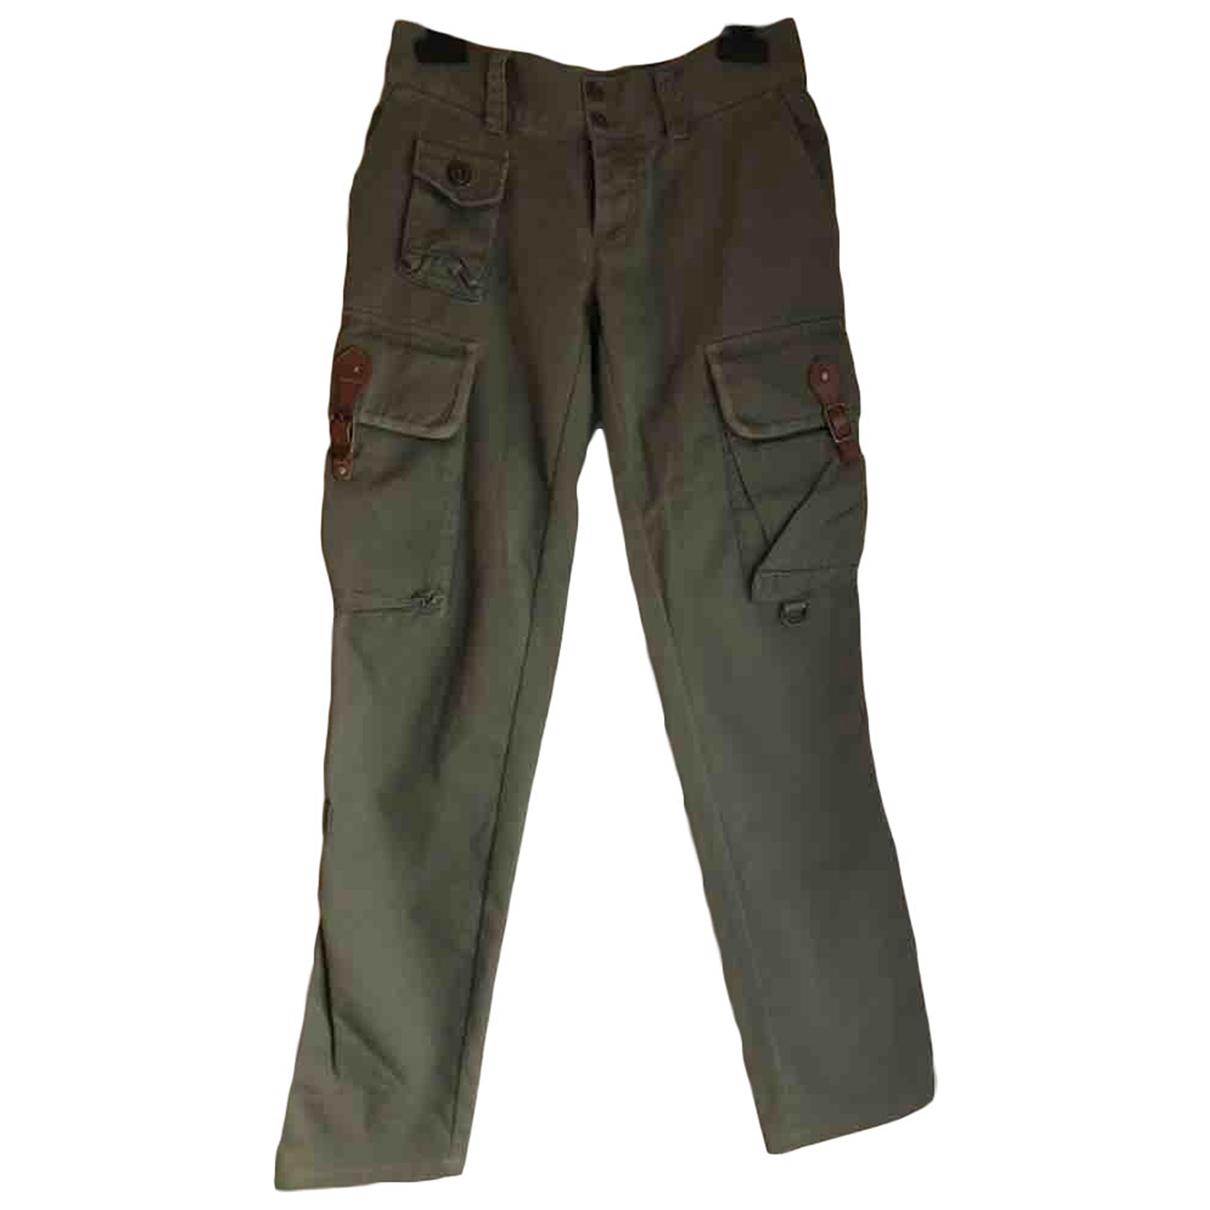 Ralph Lauren \N Green Cotton Trousers for Women XS International